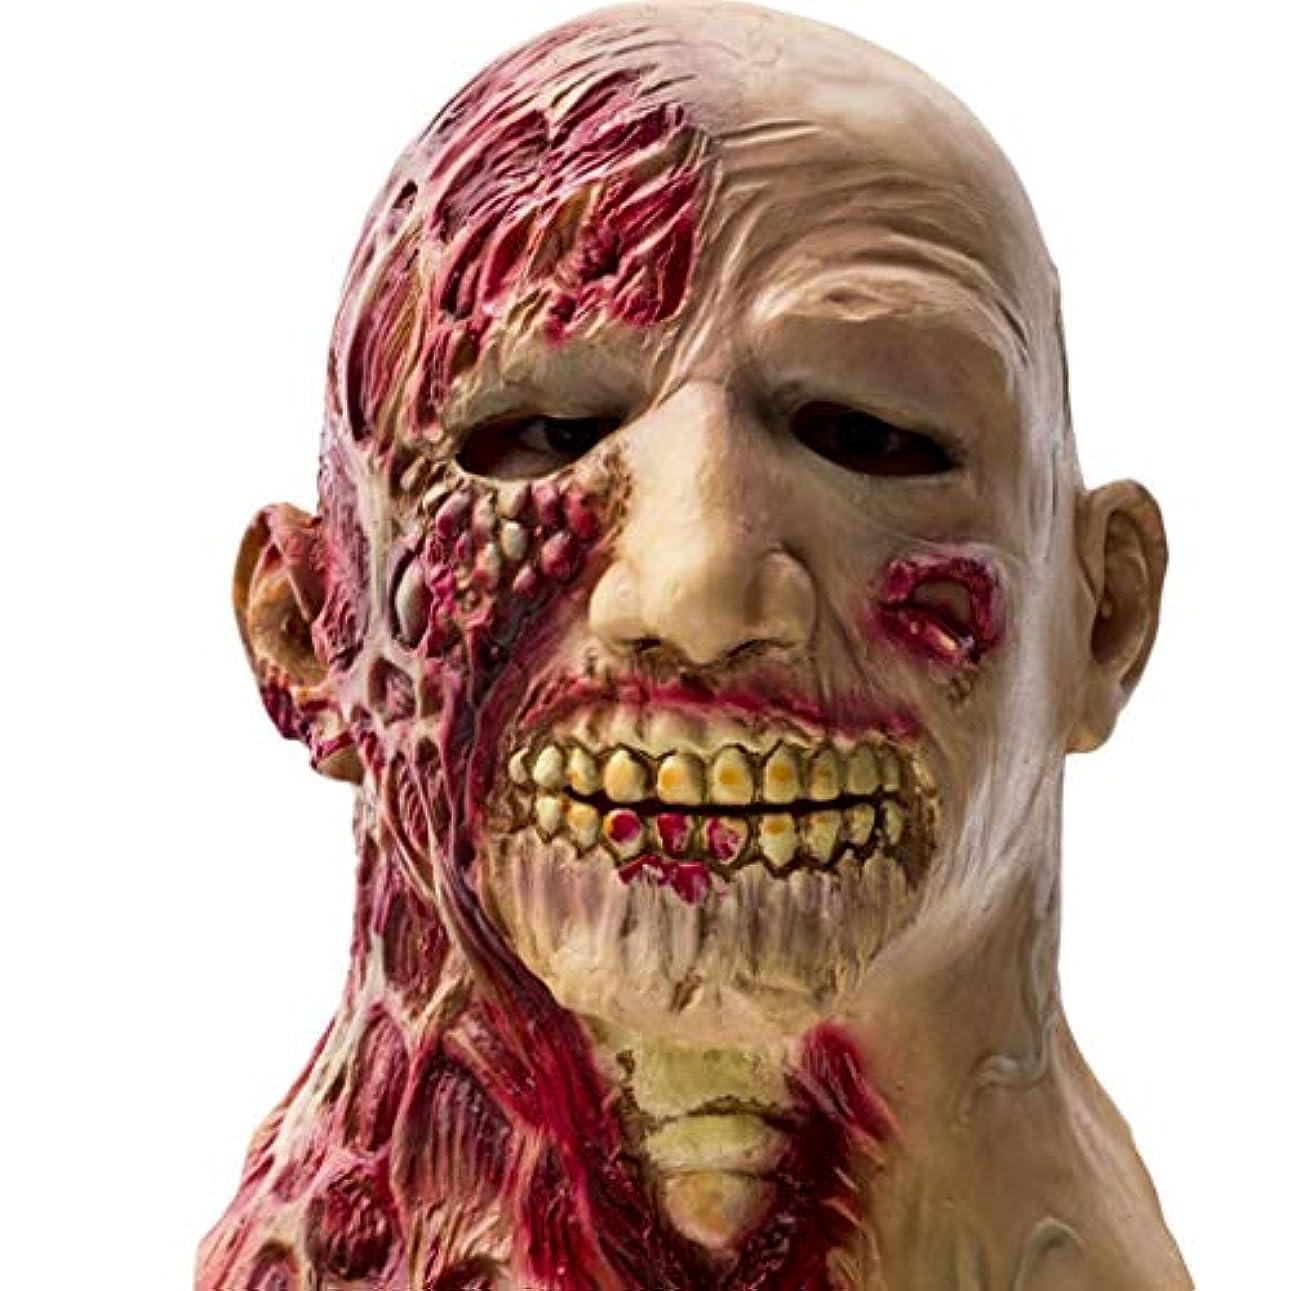 自動車ジャンクショントリムハロウィン大人のラテックスホラーマスクしかめっ面マスクパーティーマスク怖い悪魔マスク映画小道具仮面舞踏会マスク